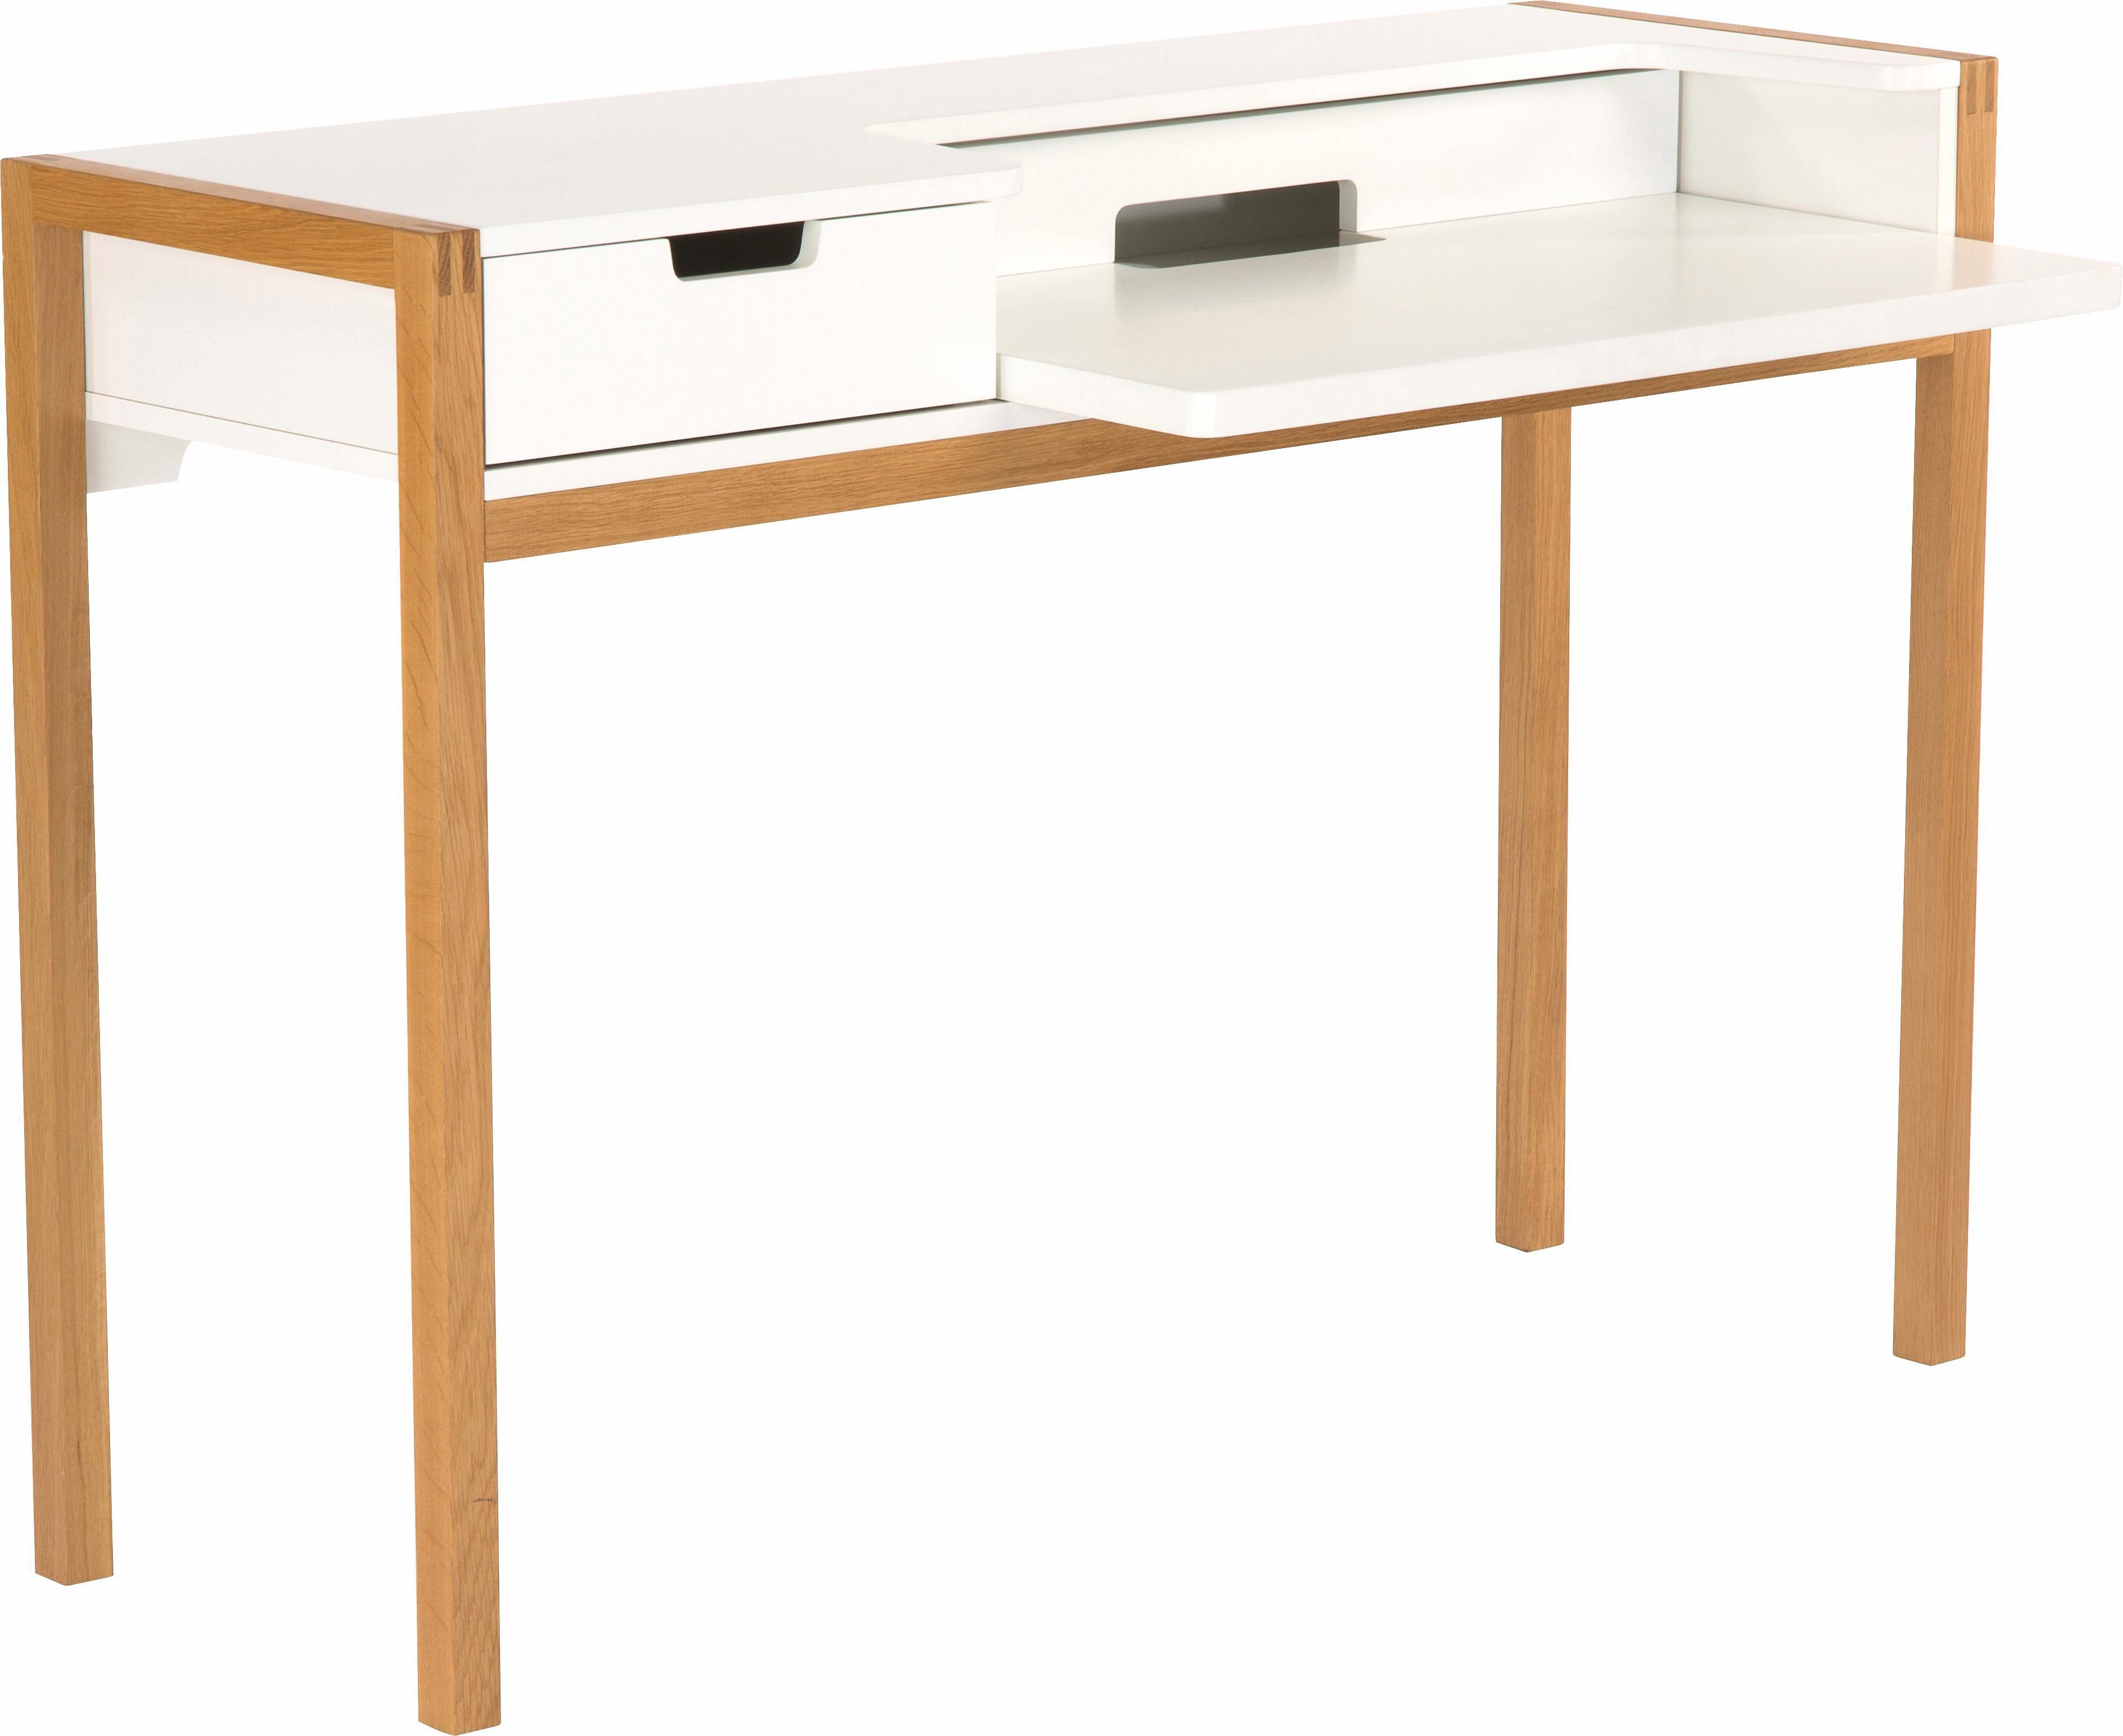 andas Schreibtisch »Laerke«, Eiche im nordischen Design